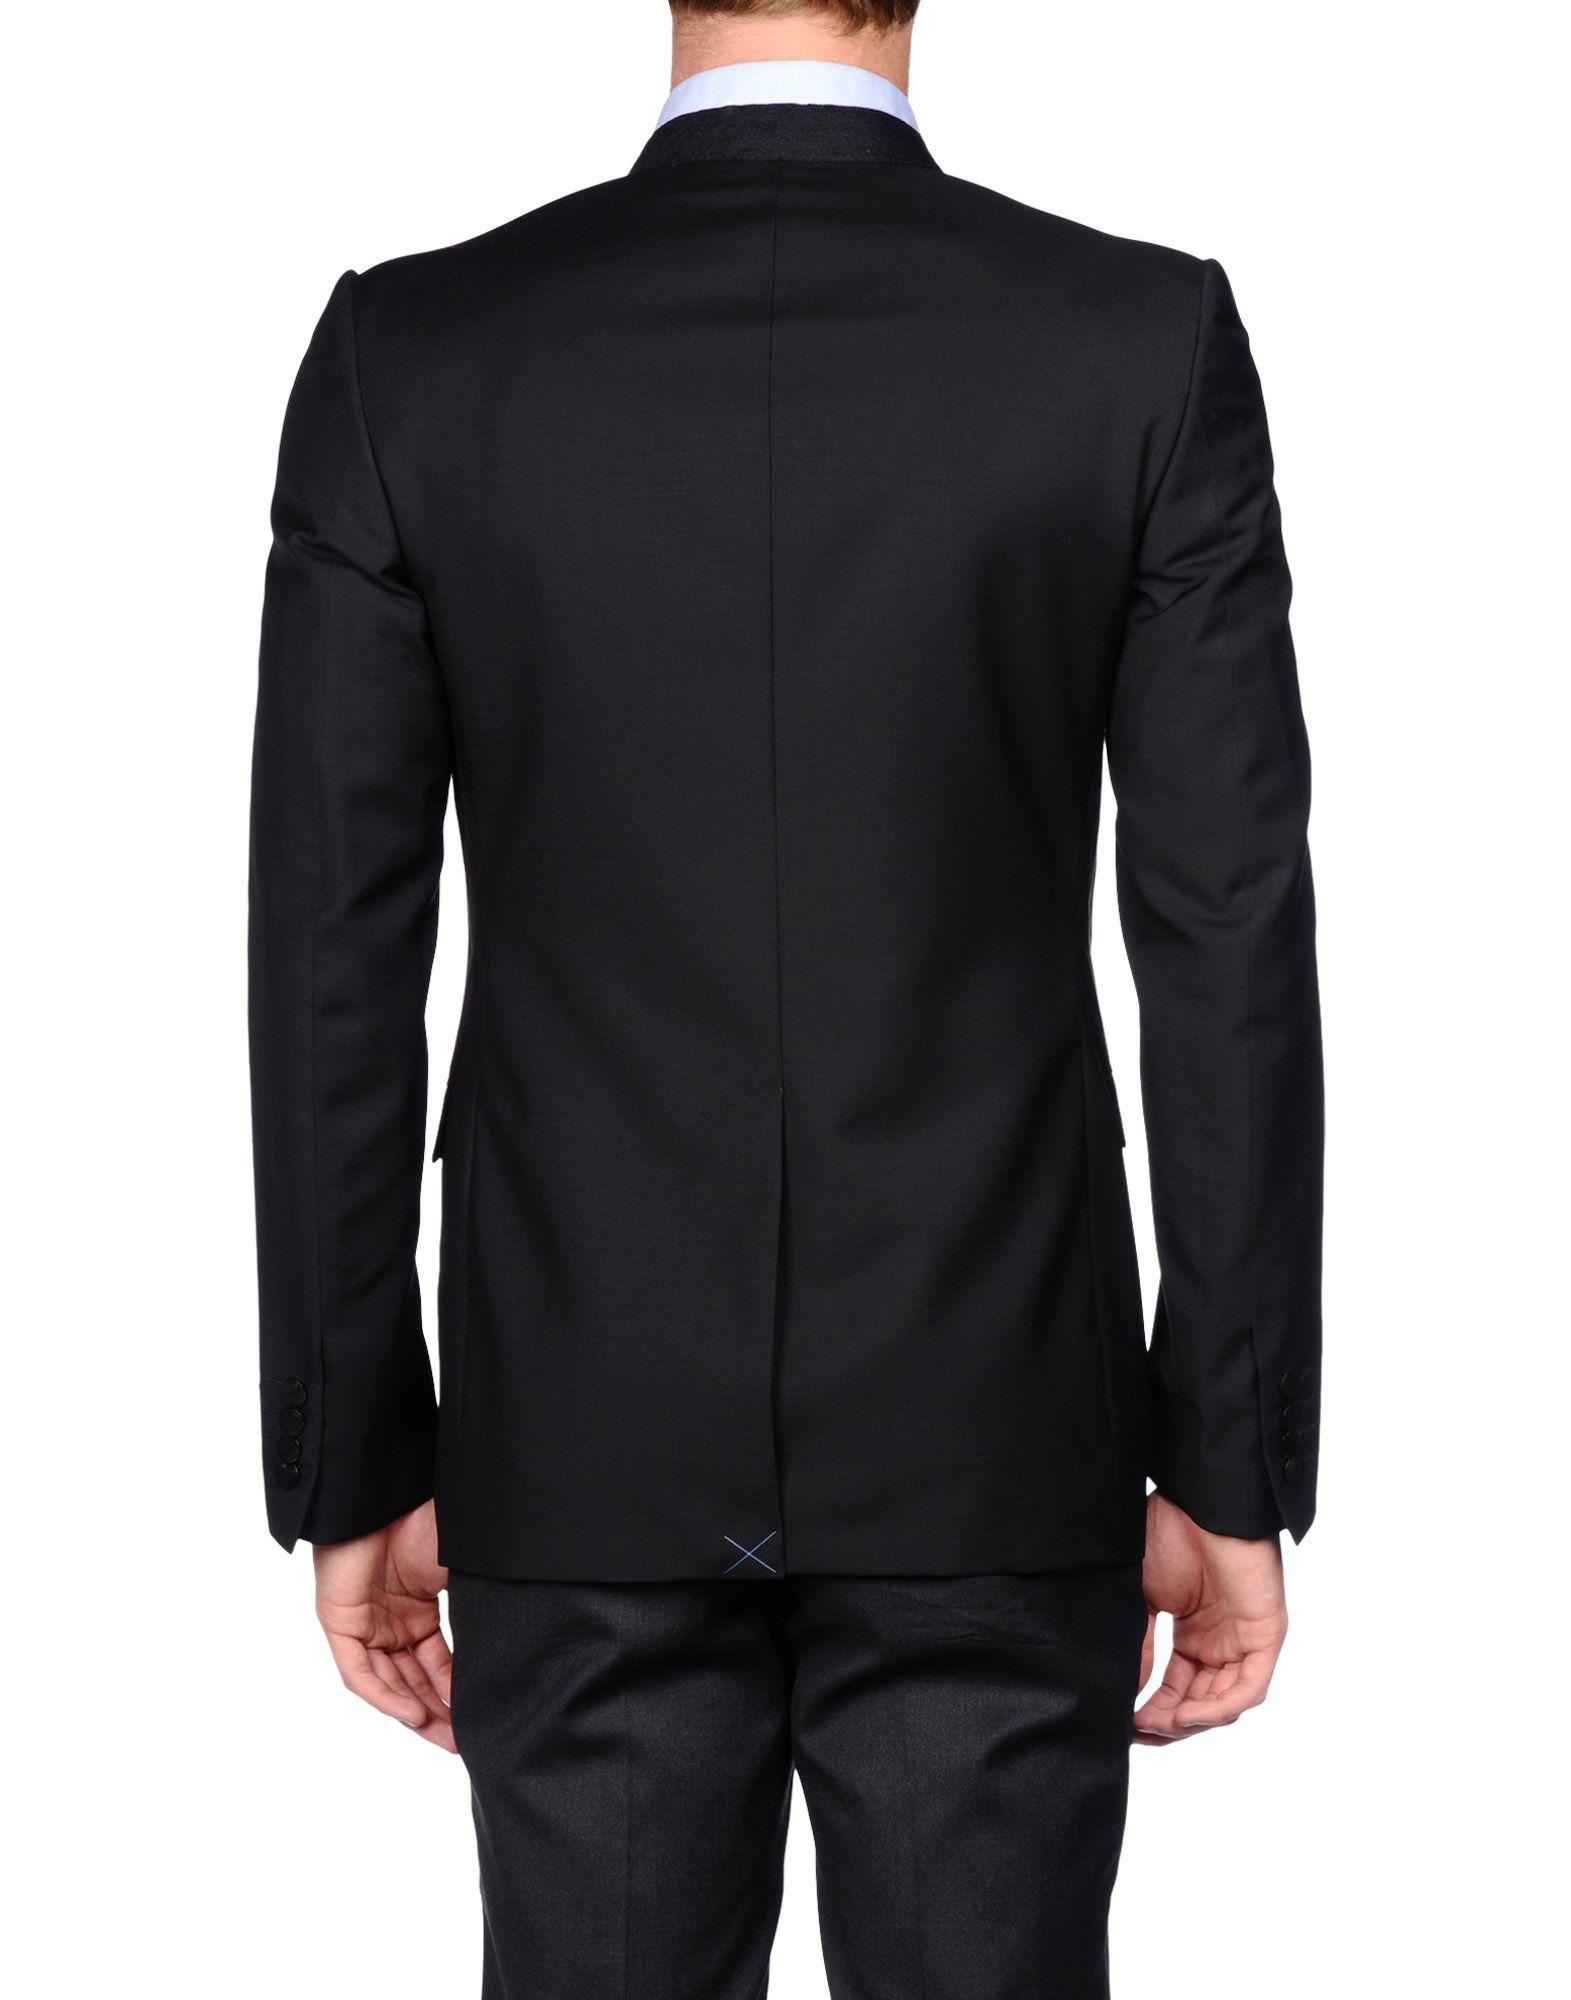 jacobson black single men Se udvalget af bukser hos careofcarldk - altid fri fragt, fri retur og hurtig levering vi har et stort udvalg af eksklusive mærker inden for tøj, sko og tilbehør til mænd.